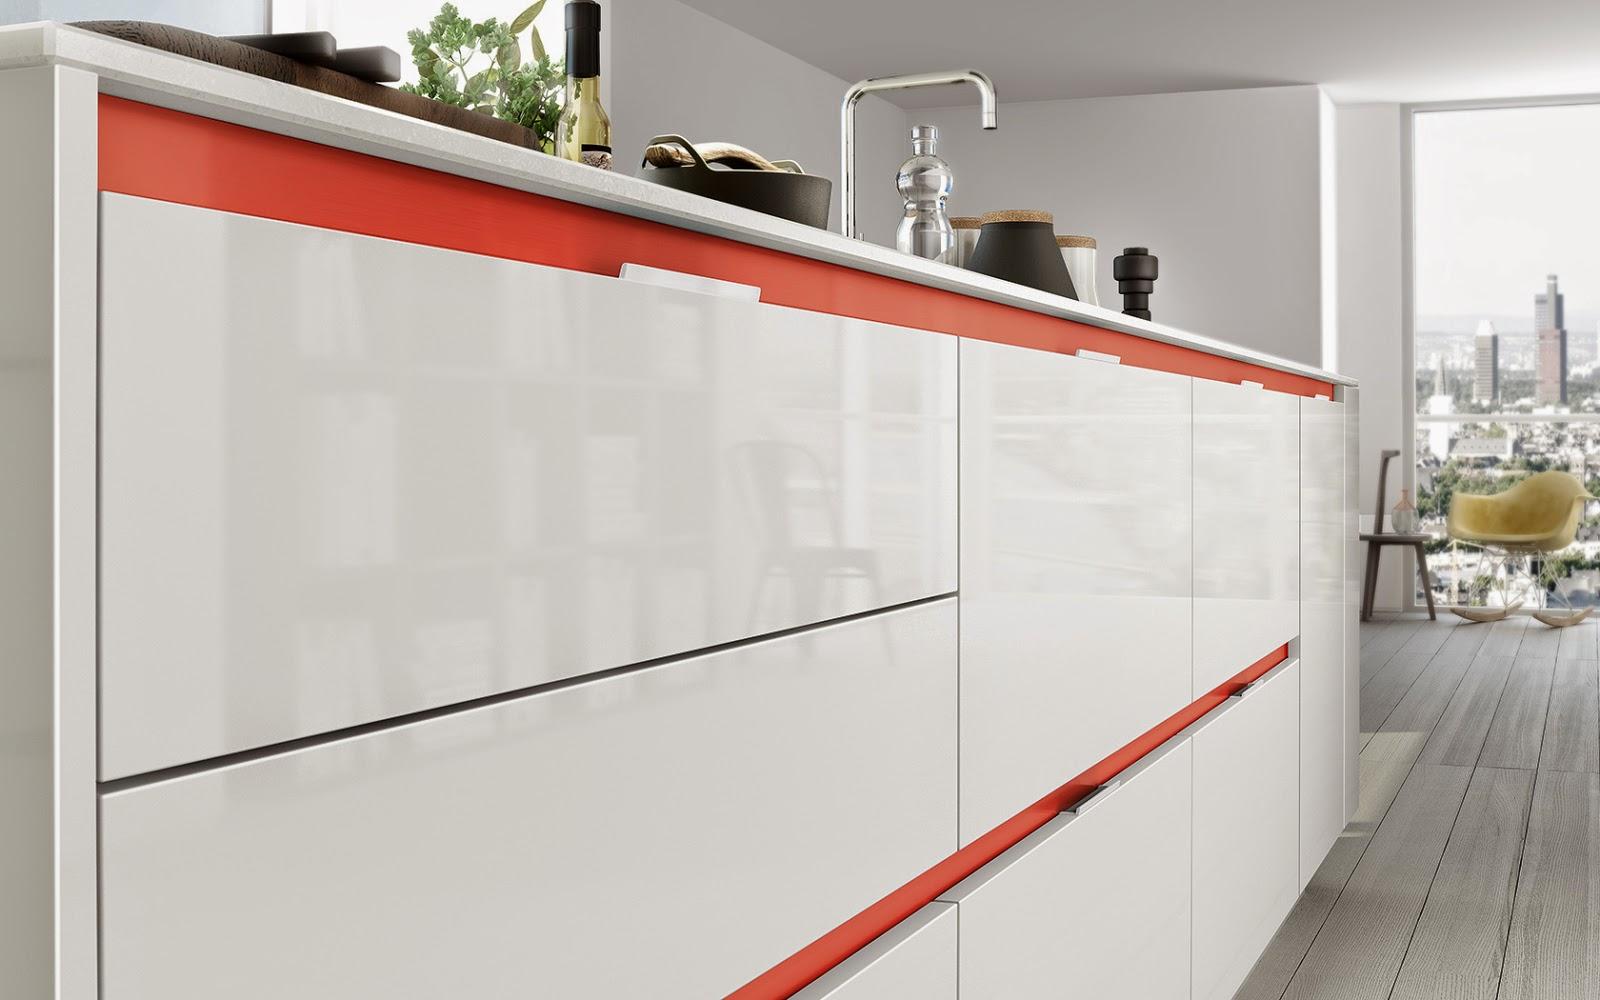 Tiradores de cocina peque os y necesarios accesorios cocinas con estilo - Perfiles de aluminio para muebles ...